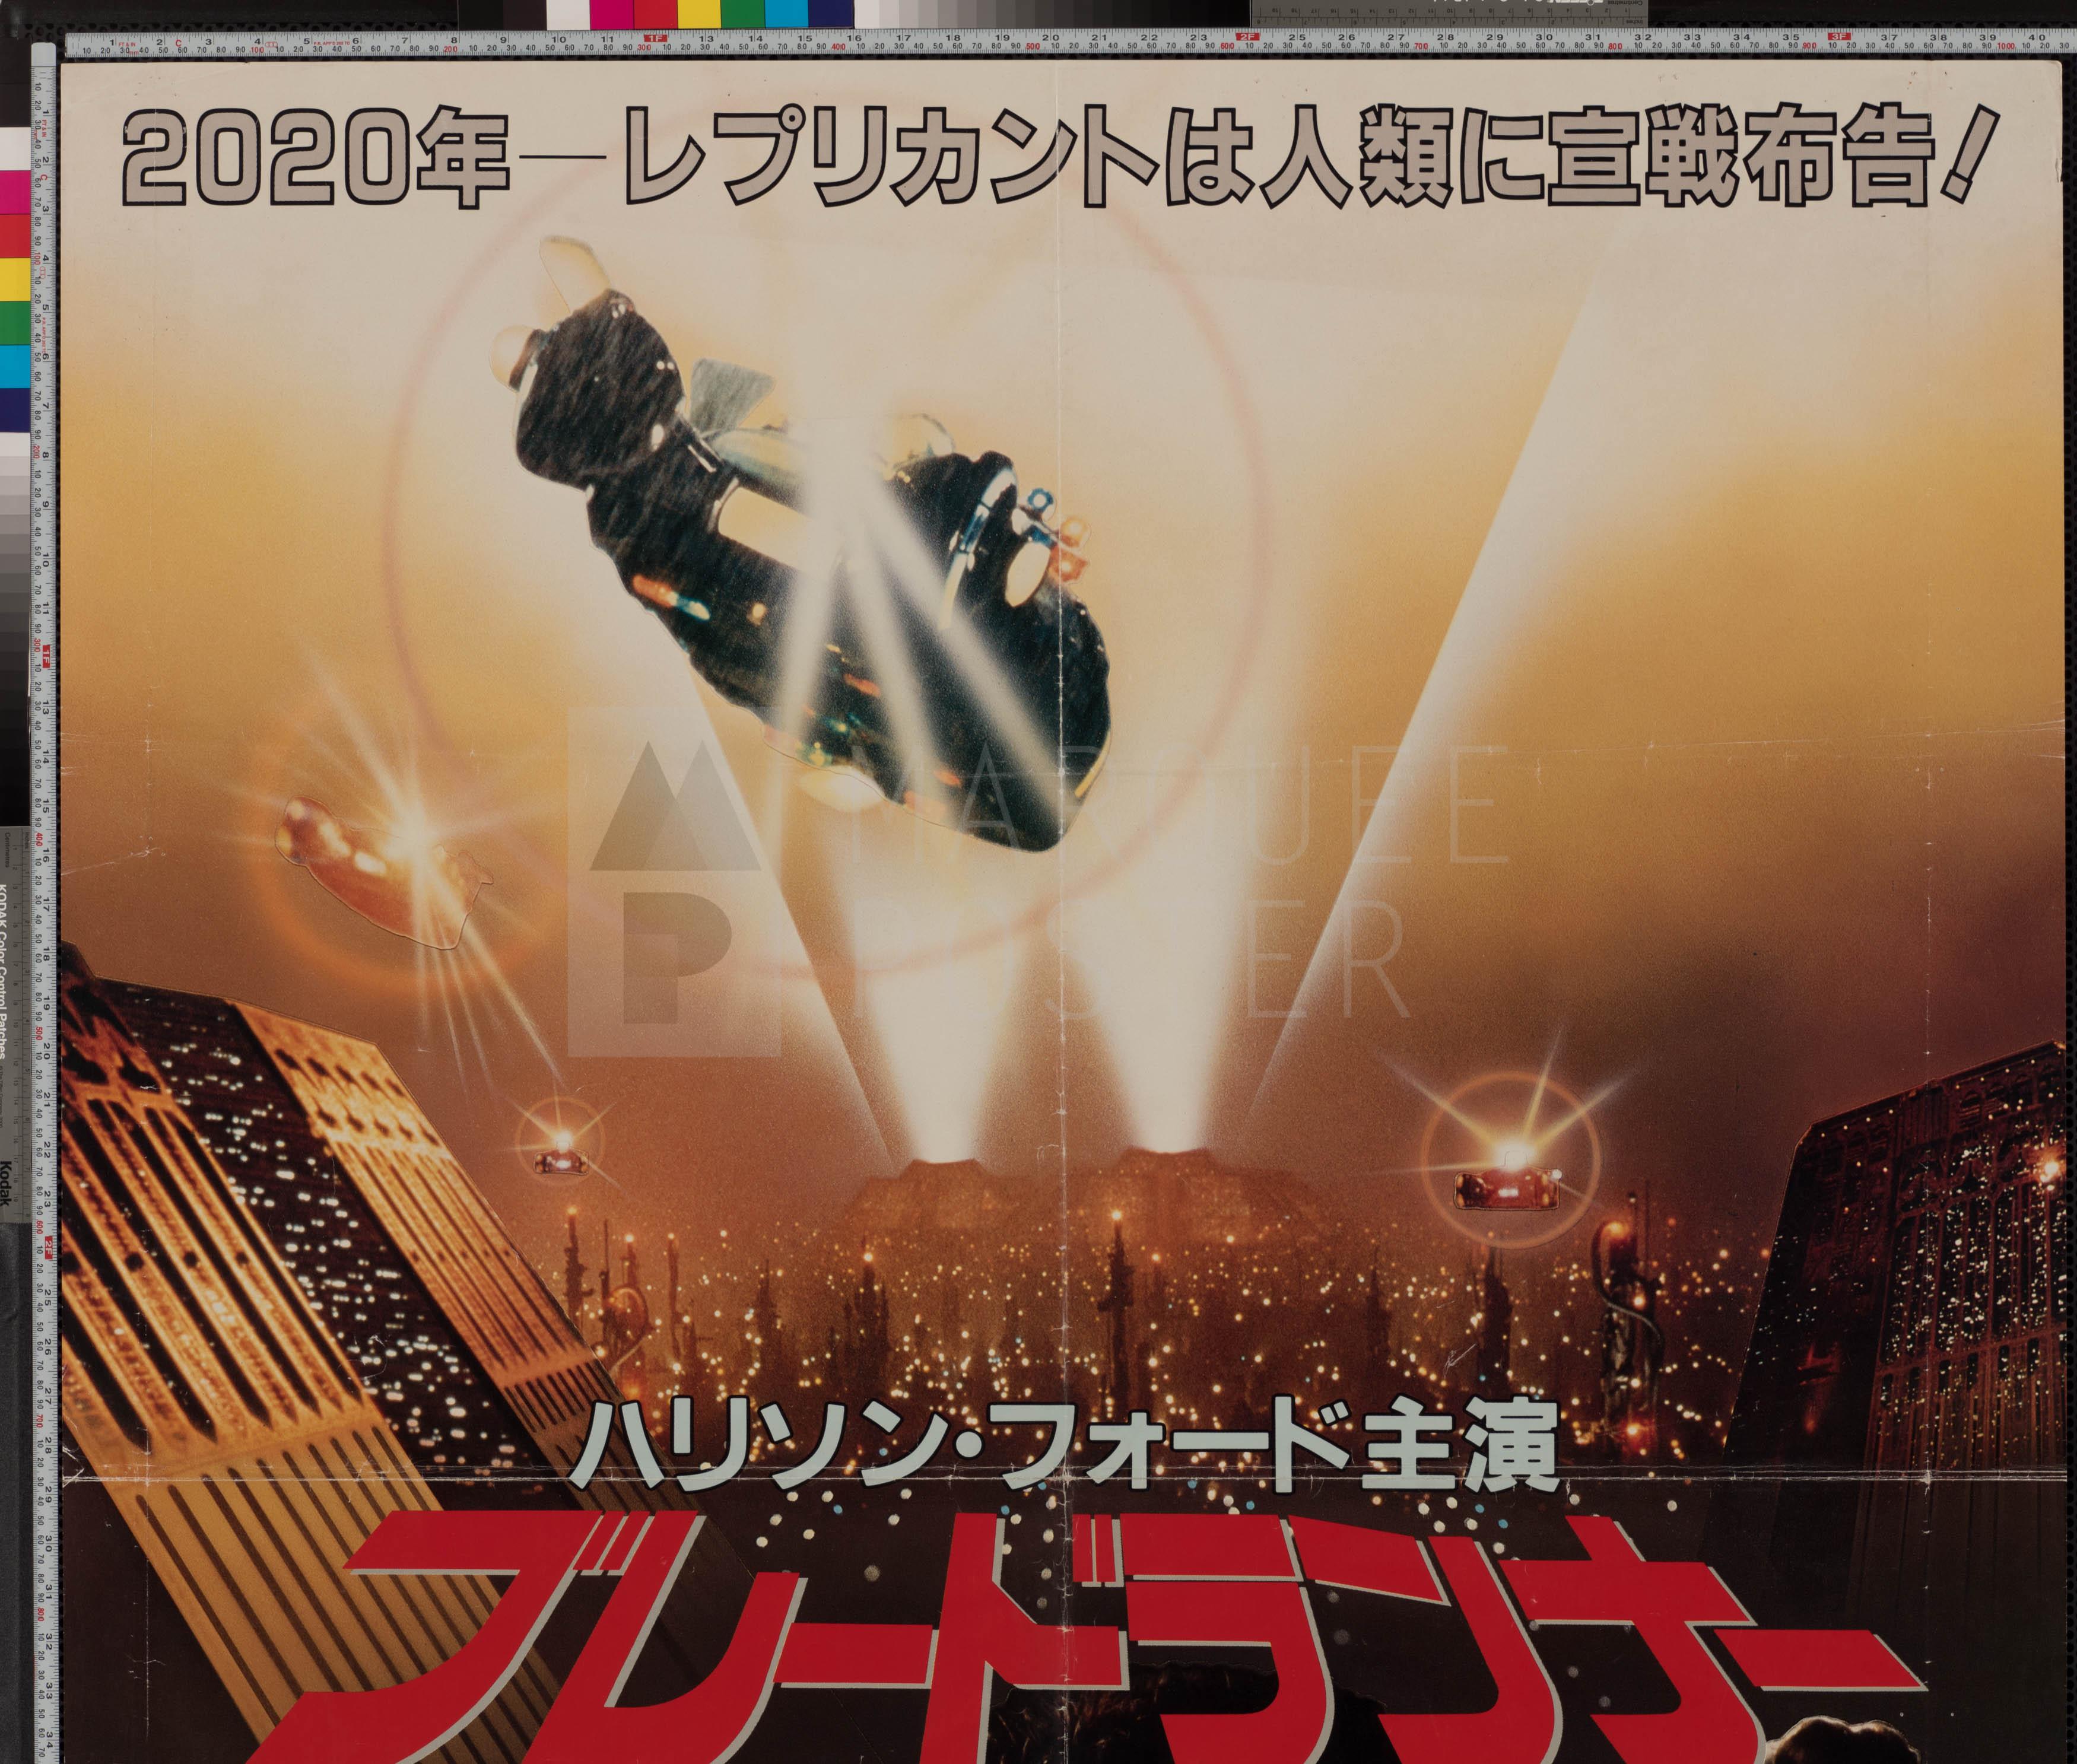 6-blade-runner-japanese-b0-1982-02